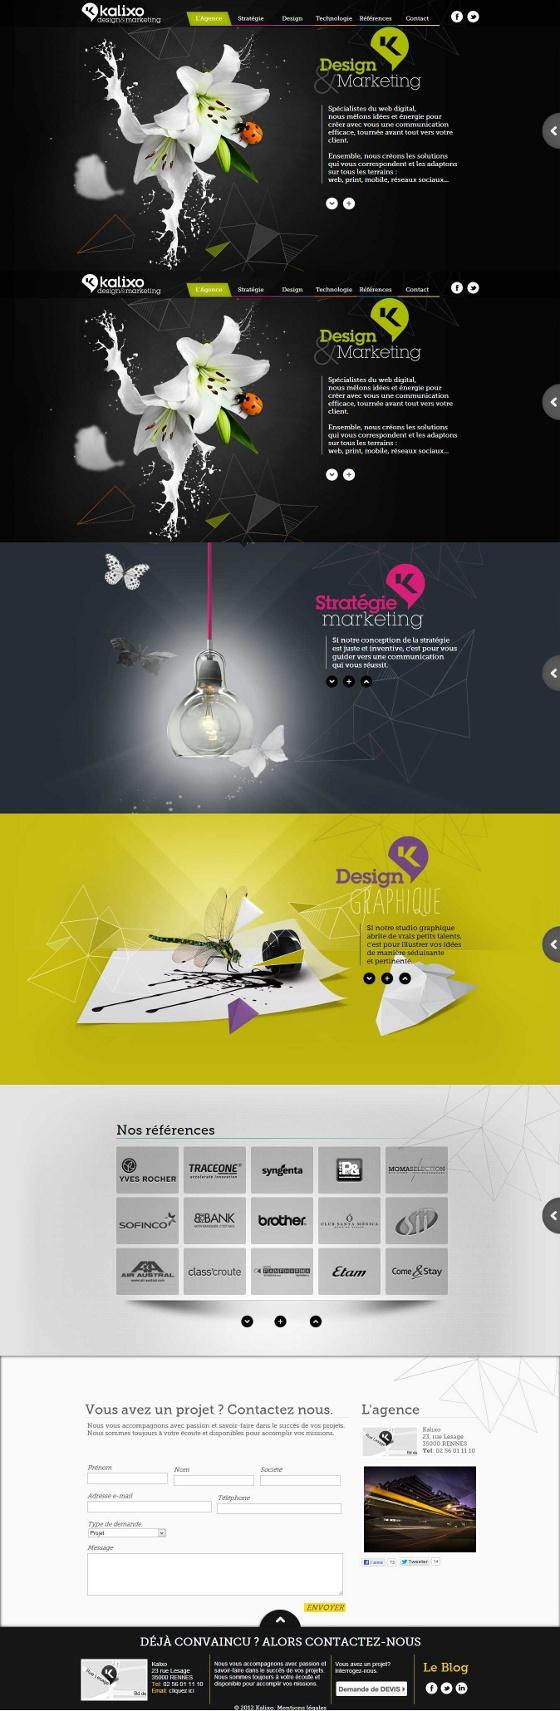 www.kalixo.fr | #webdesign #it #web #design #layout #userinterface #website #webdesign <<< repinned by an #advertising #agency from #Hamburg / #Germany - www.BlickeDeeler.de | Follow us on www.facebook.com/BlickeDeeler